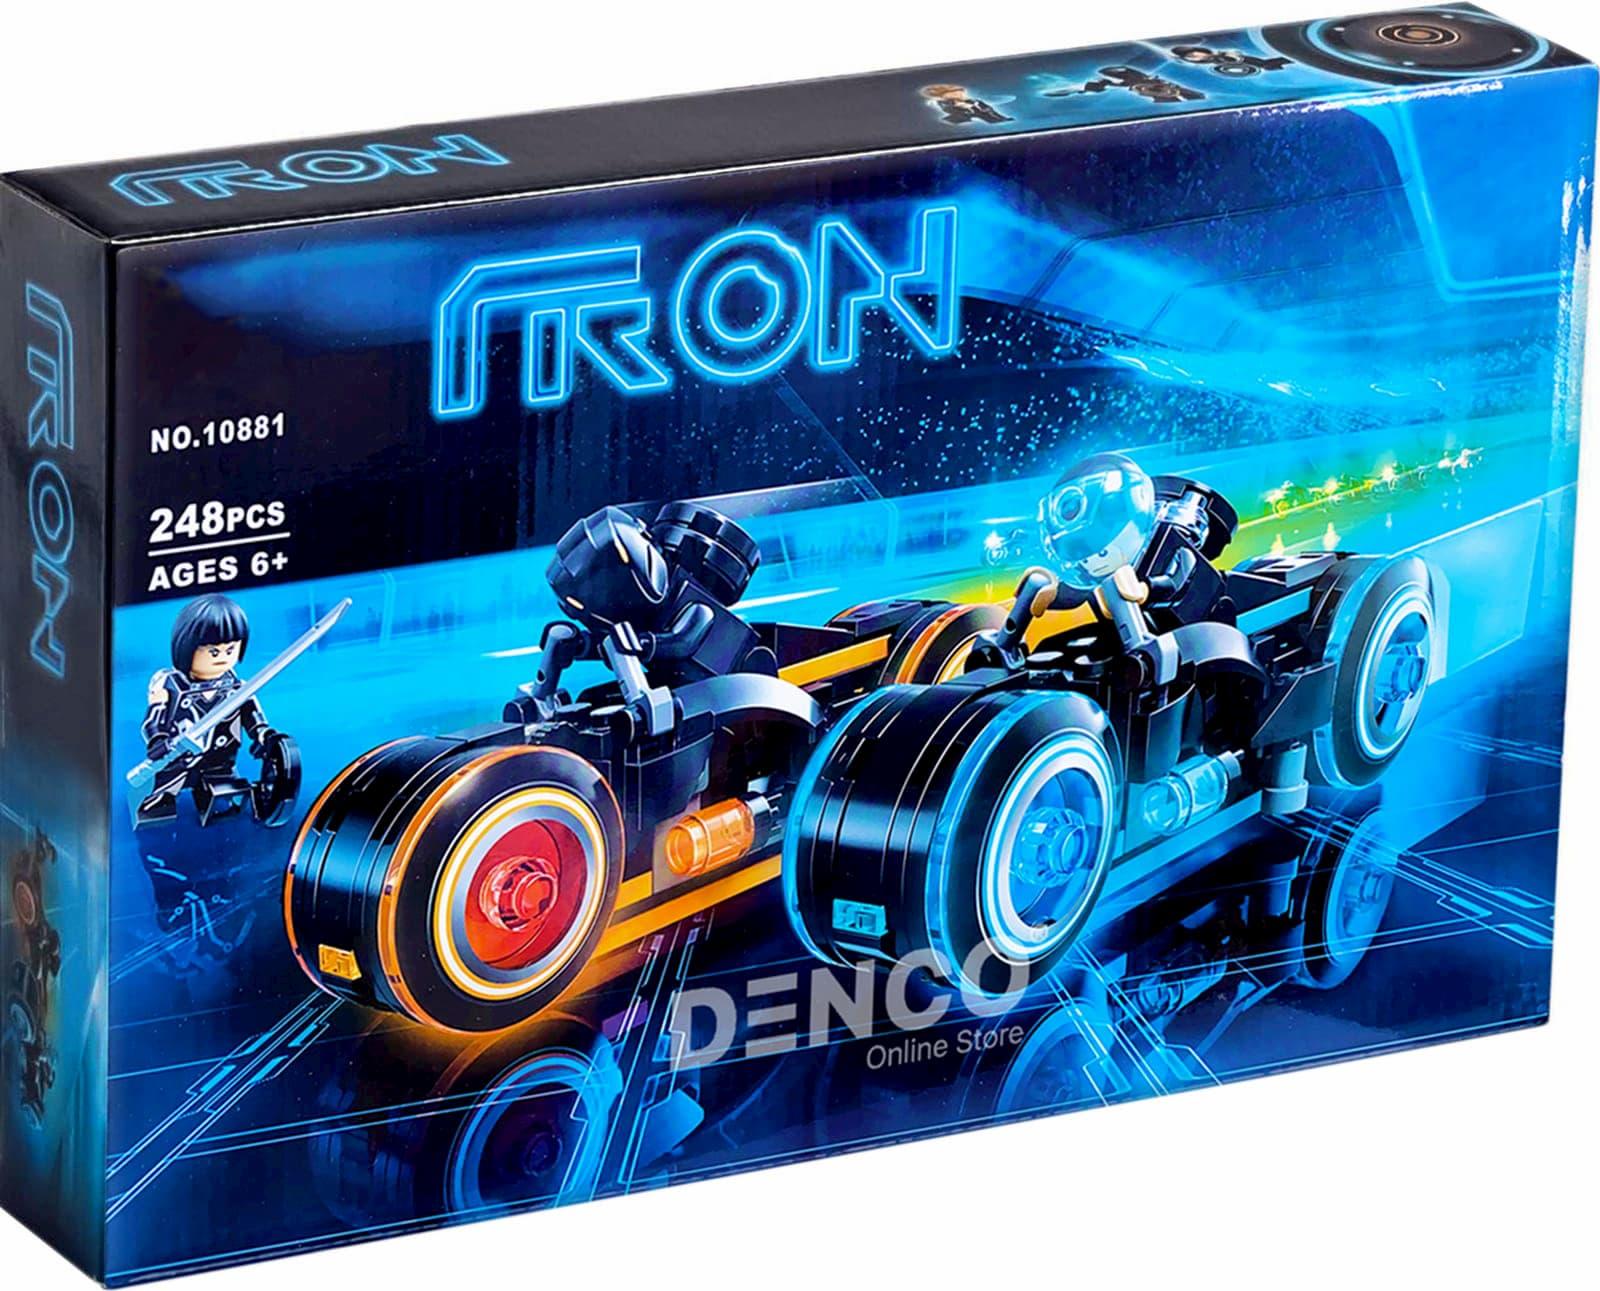 Конструктор «Трон» 10881 (Ideas 21314) / 248 деталей